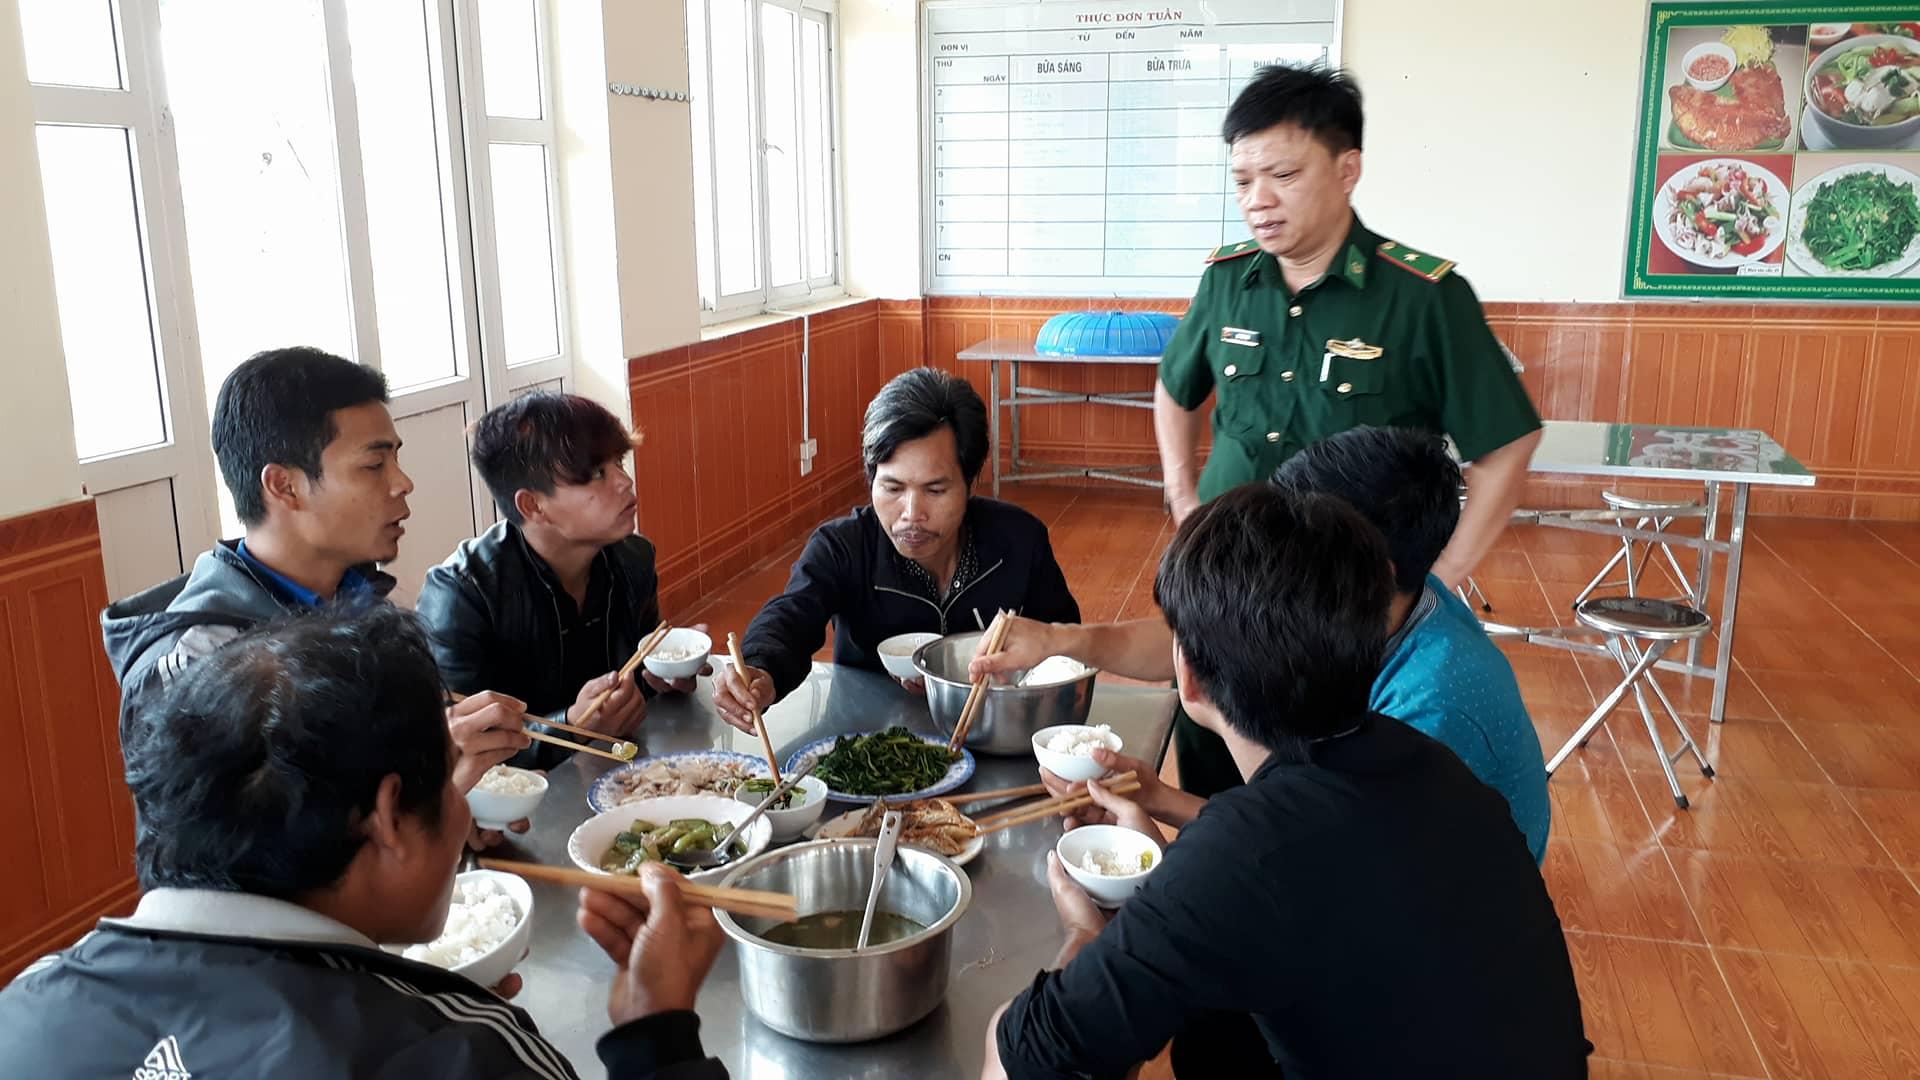 Hình ảnh Giải cứu 11 thanh niên bị đánh đập, trốn trong hầm vàng sâu 100m ở Quảng Nam số 3